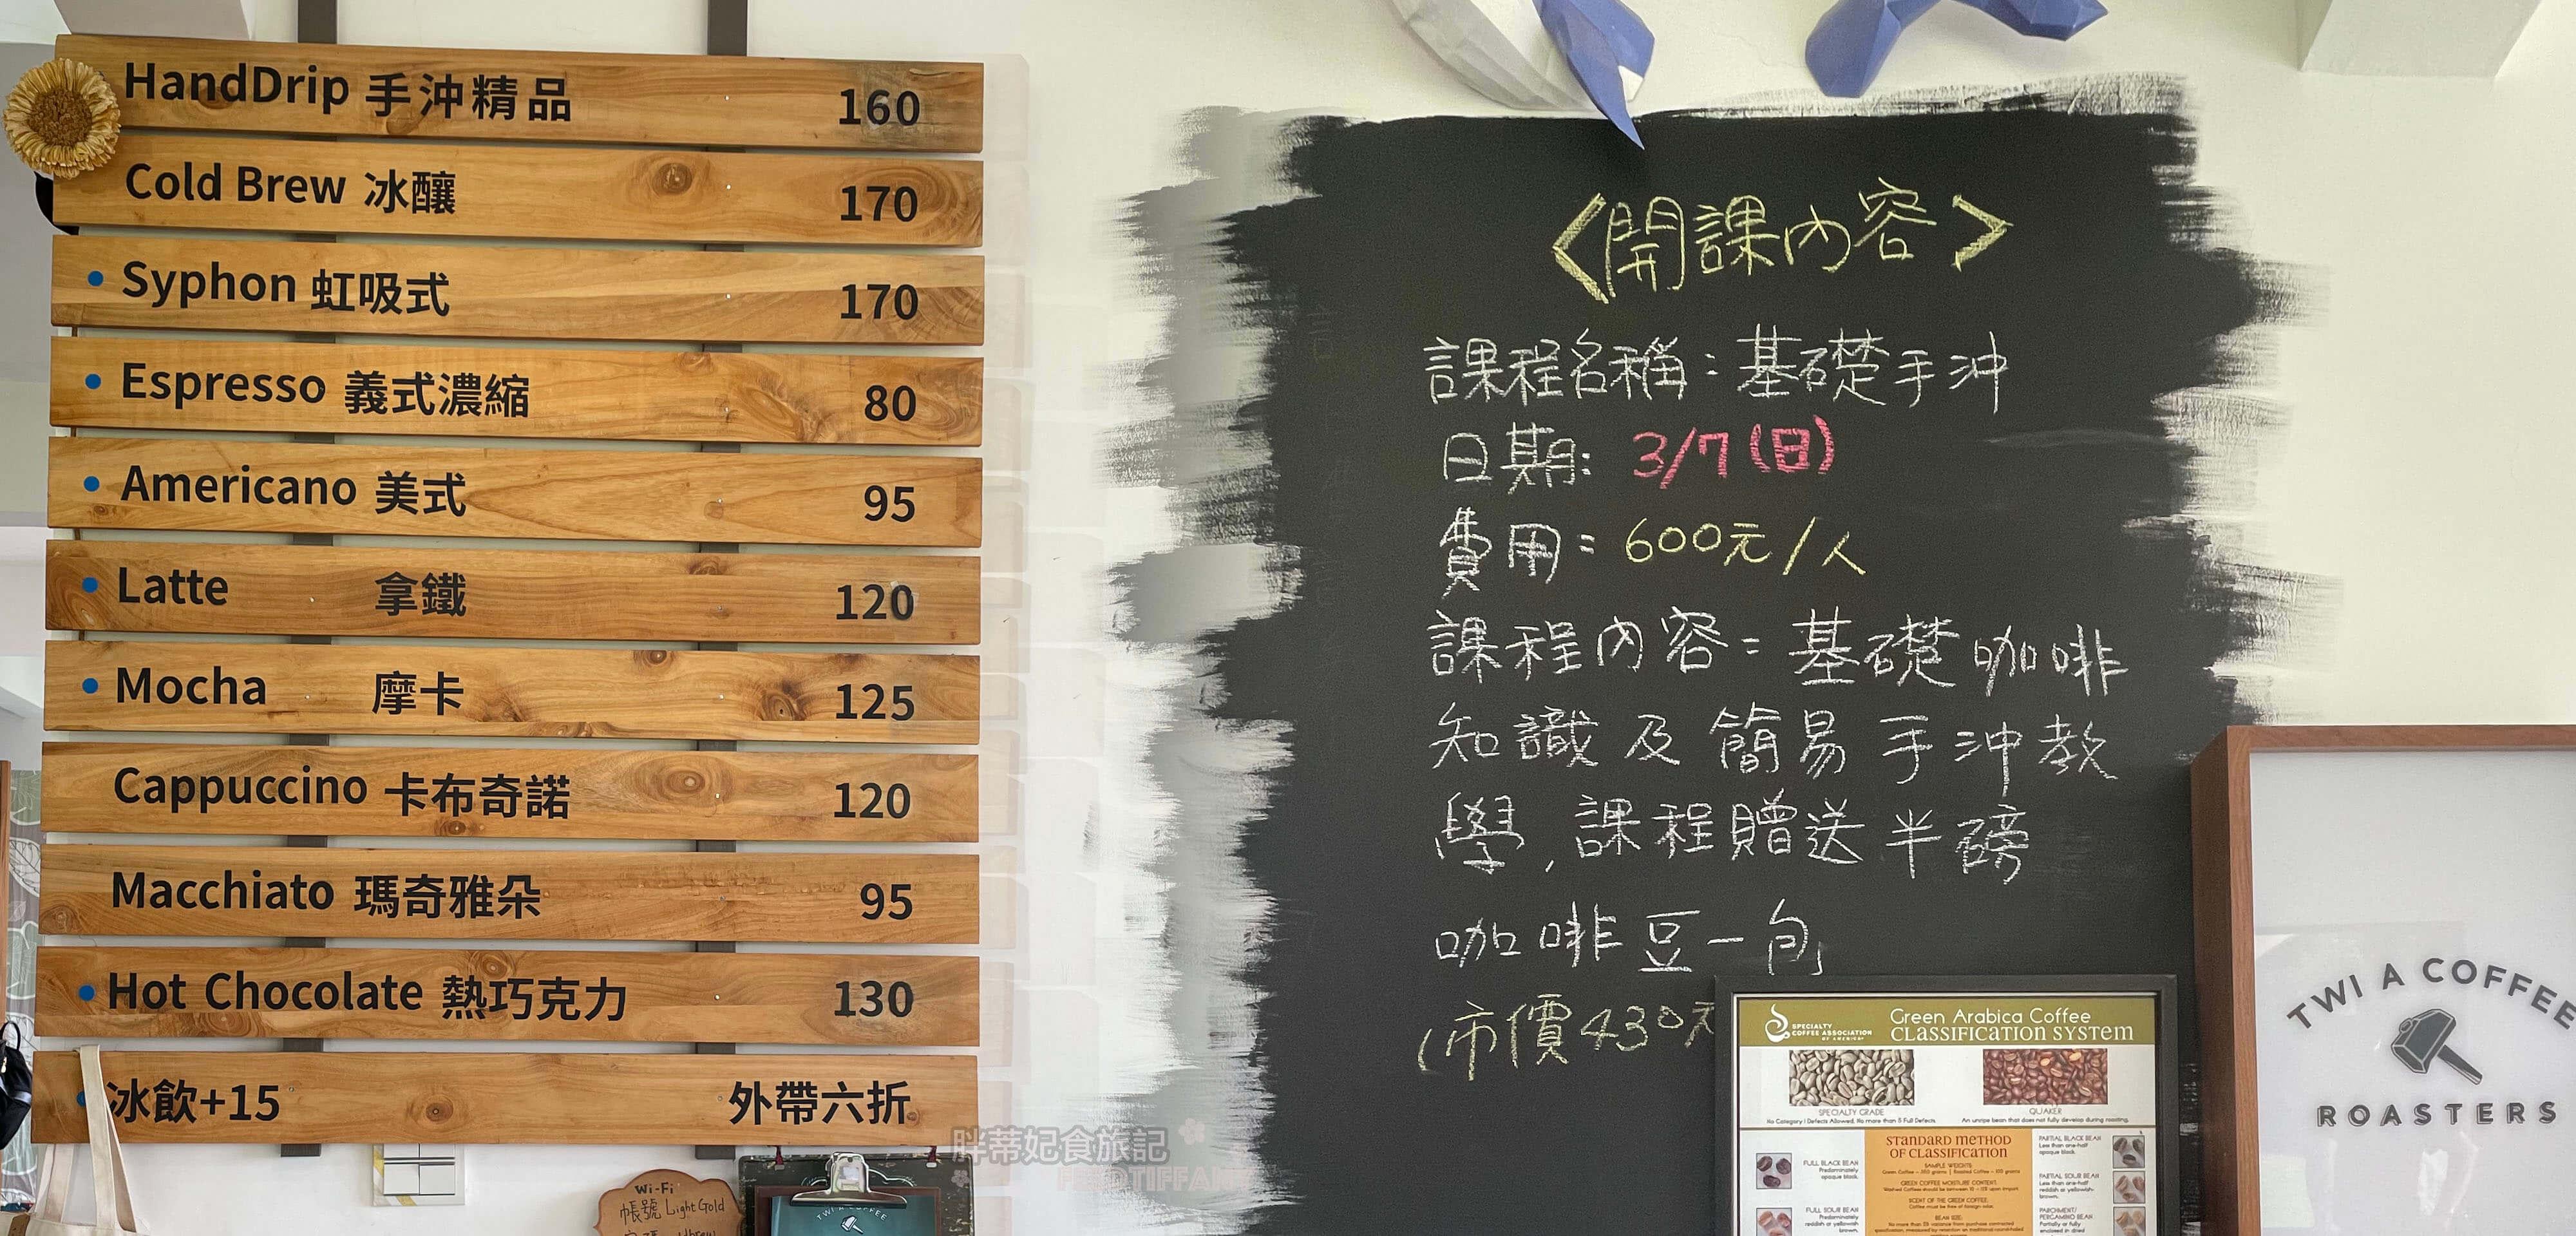 Twi A錘子咖啡烘焙坊 菜單 與每期開課課程。但上課地點都是在其他咖啡廳, 欲知詳情請上臉書。